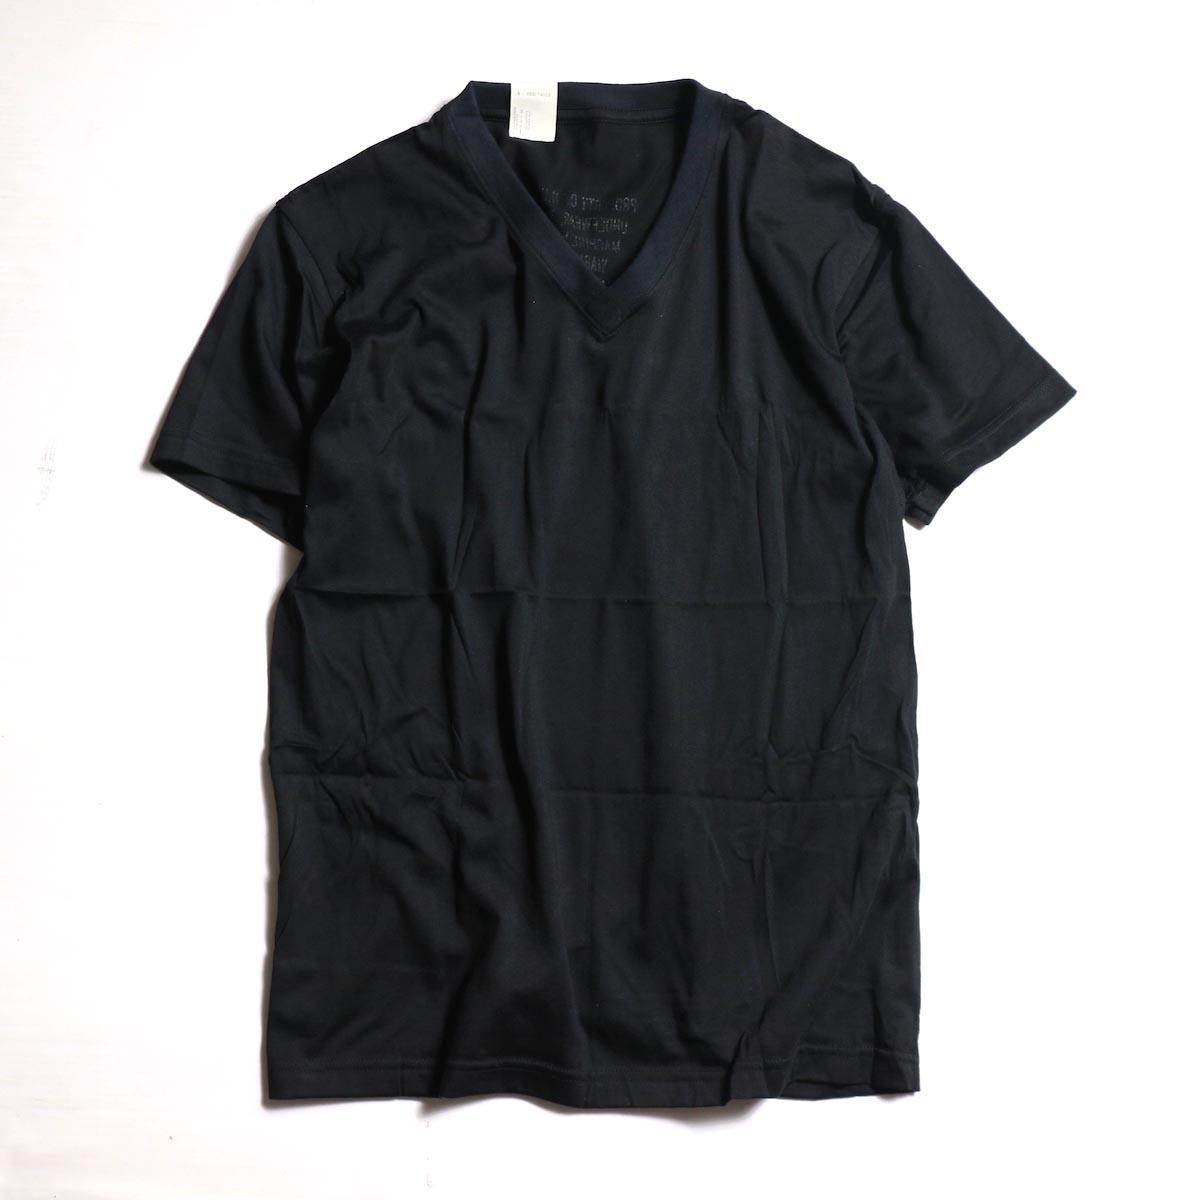 N.HOOLYWOOD T.P.E.S. BARRACKS KIT /  17-6225 V NECK T-SHIRT -BLACK